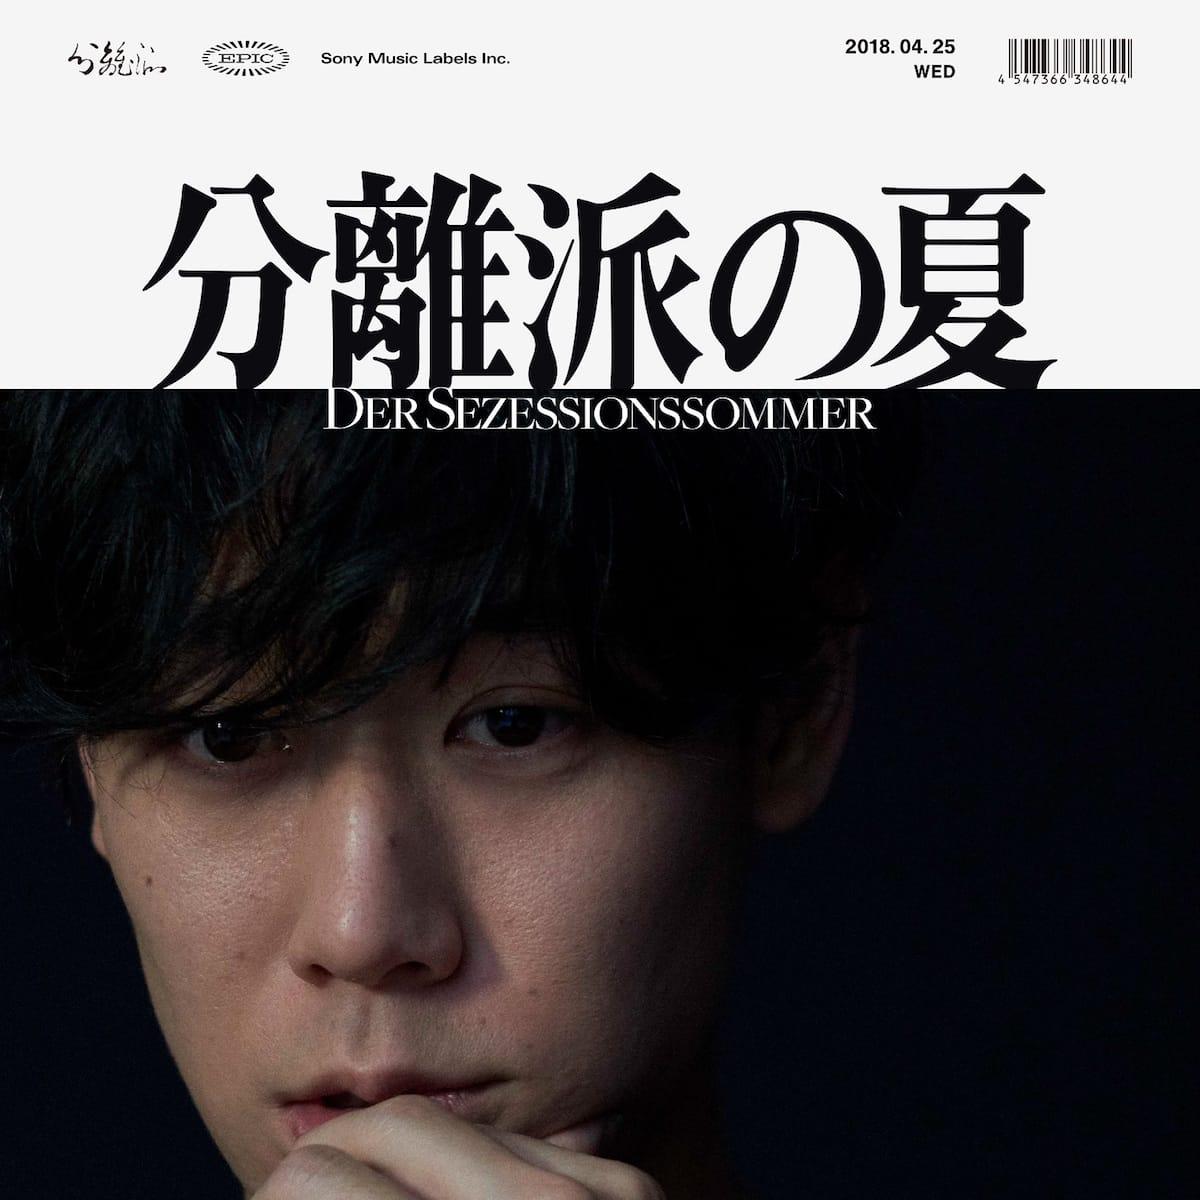 小袋成彬が本日、メジャーデビューアルバムをリリース!ワンマンライブリハーサル映像が公開 music180425-omukuronariaki-2-1200x1200